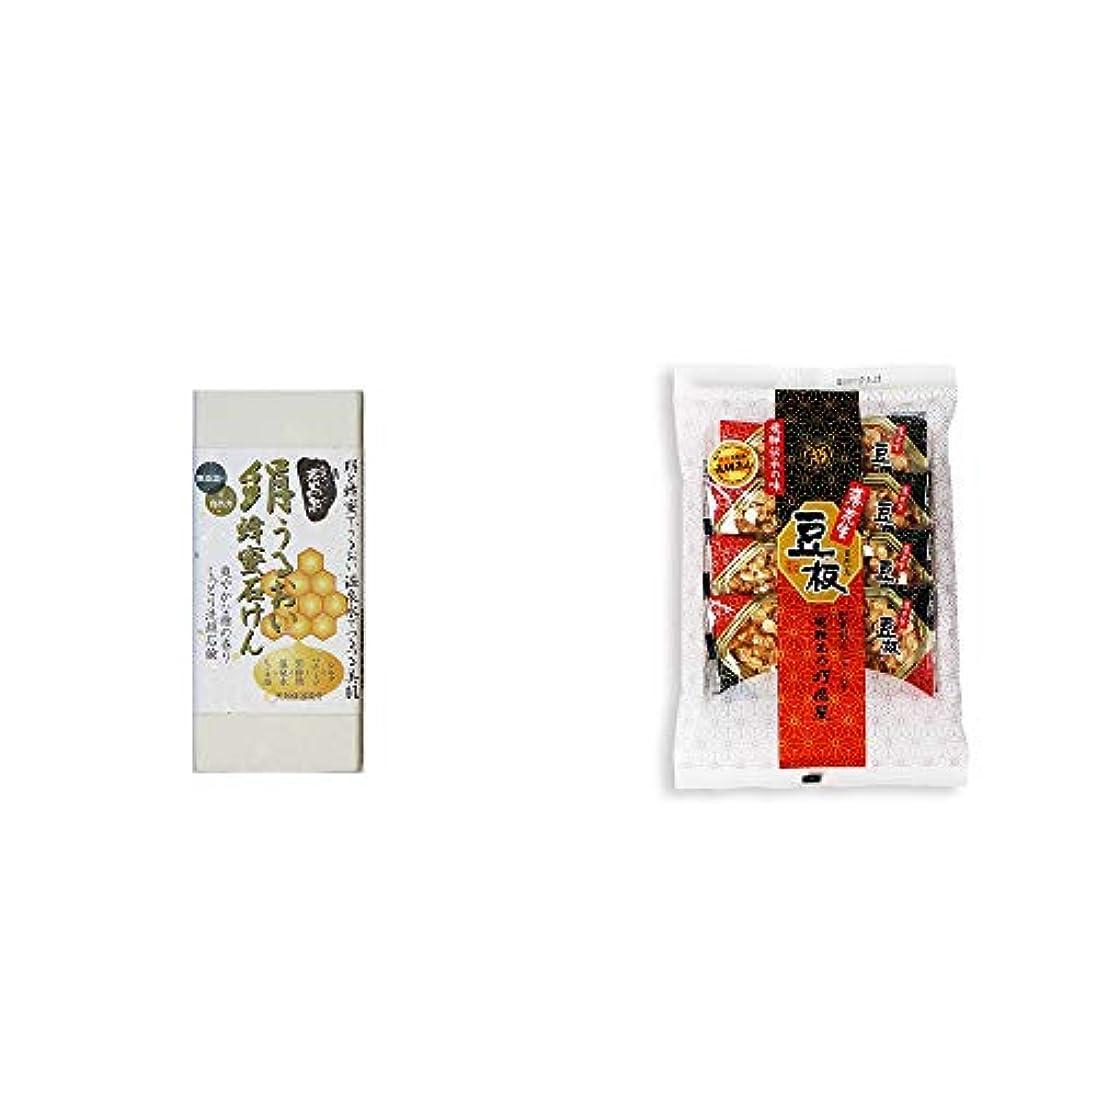 たとえグリット配置[2点セット] ひのき炭黒泉 絹うるおい蜂蜜石けん(75g×2)?飛騨銘菓「打保屋」の駄菓子 豆板(8枚入)